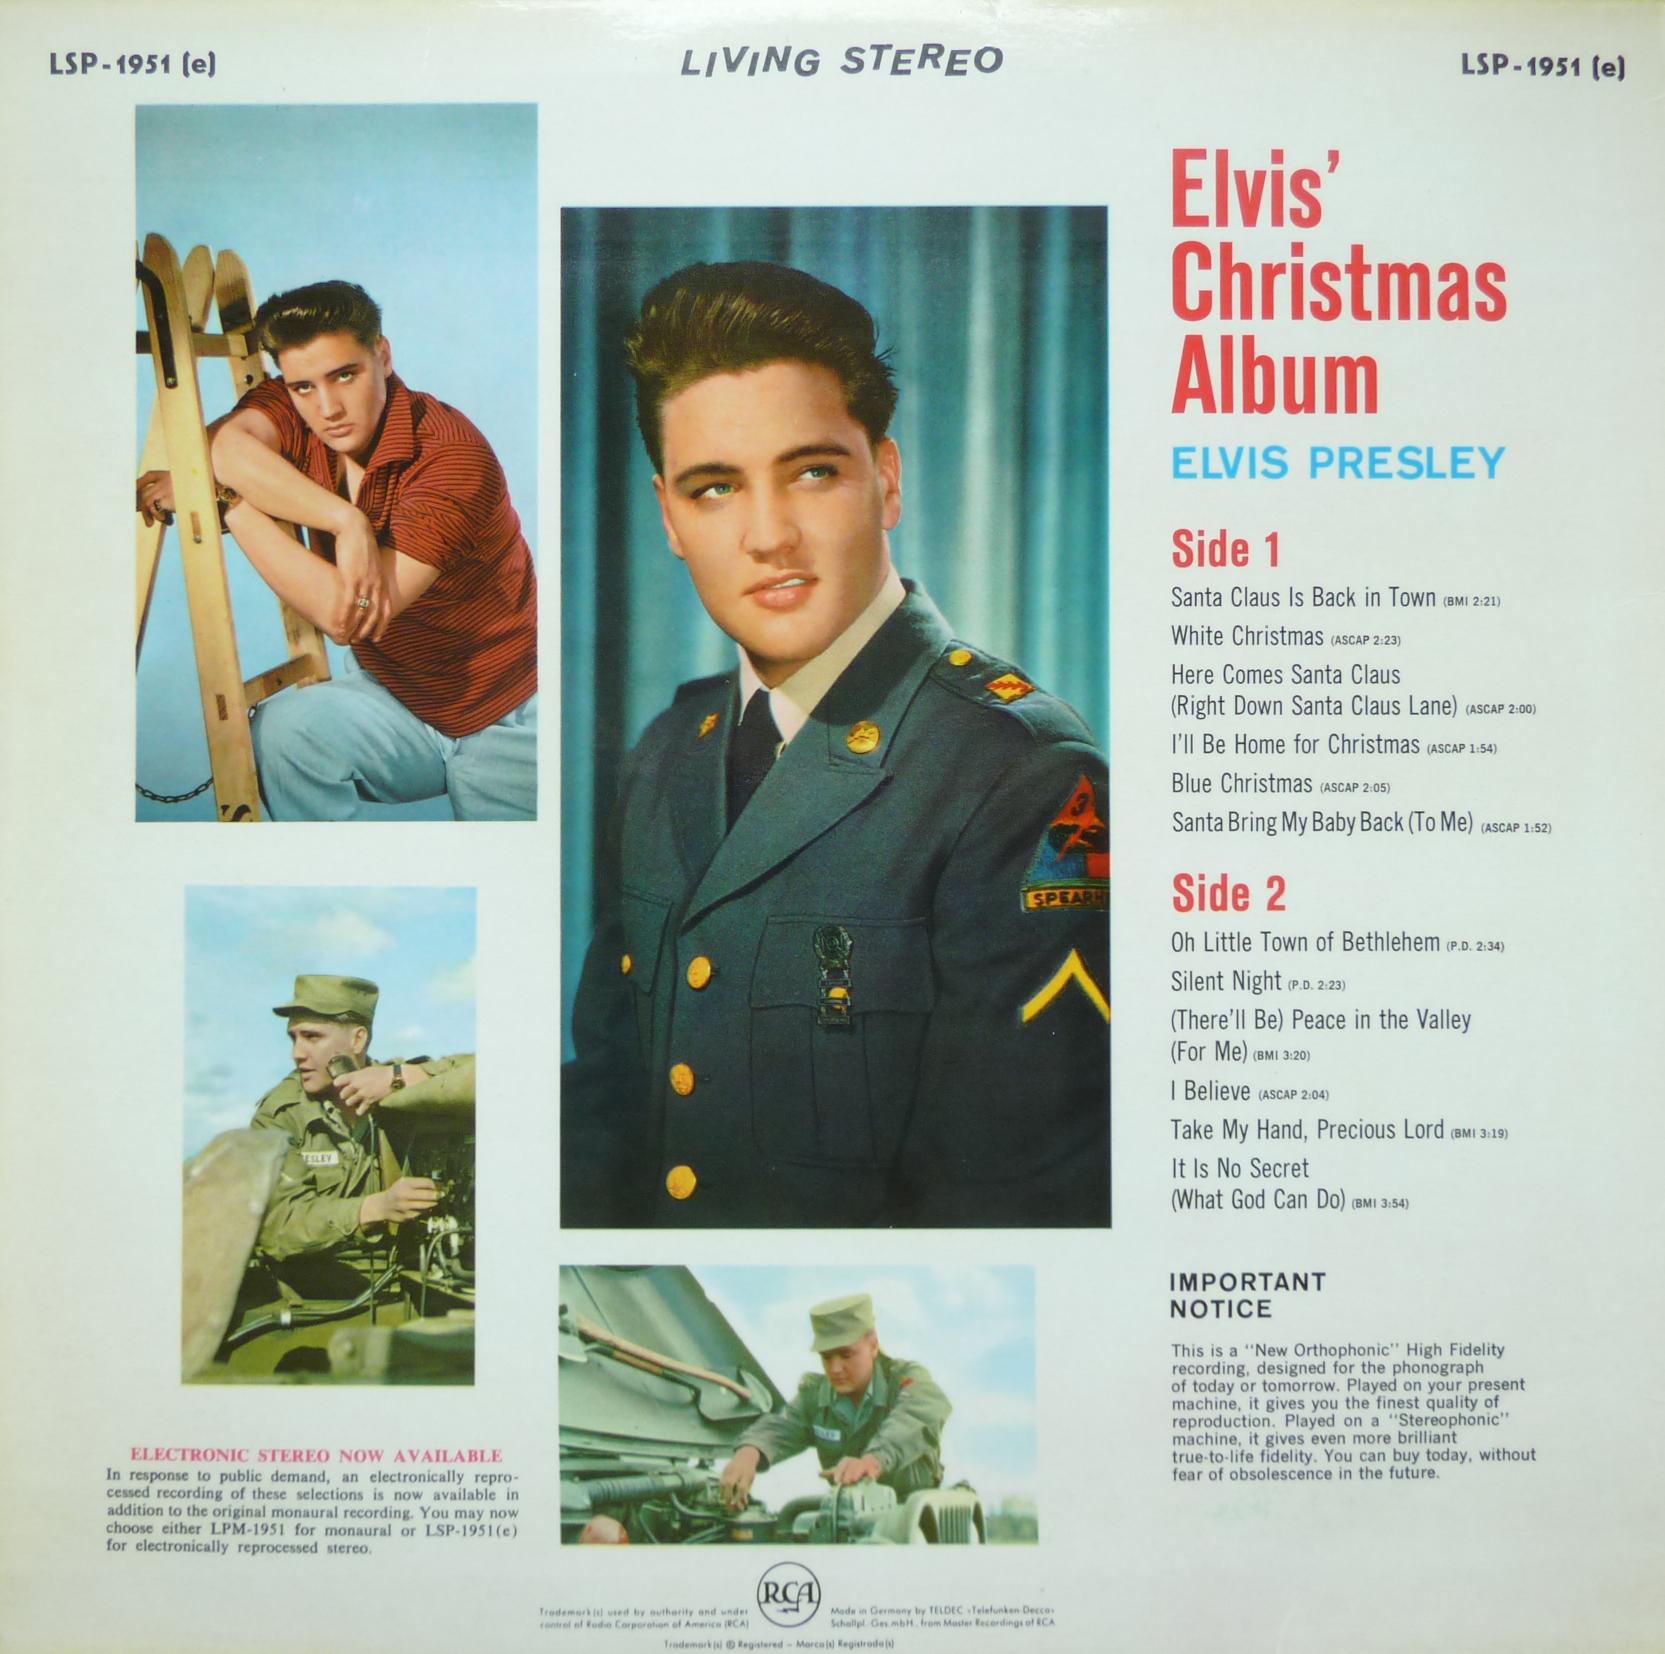 ELVIS' CHRISTMAS ALBUM (1964) Christmasalbum1968rck8cuio